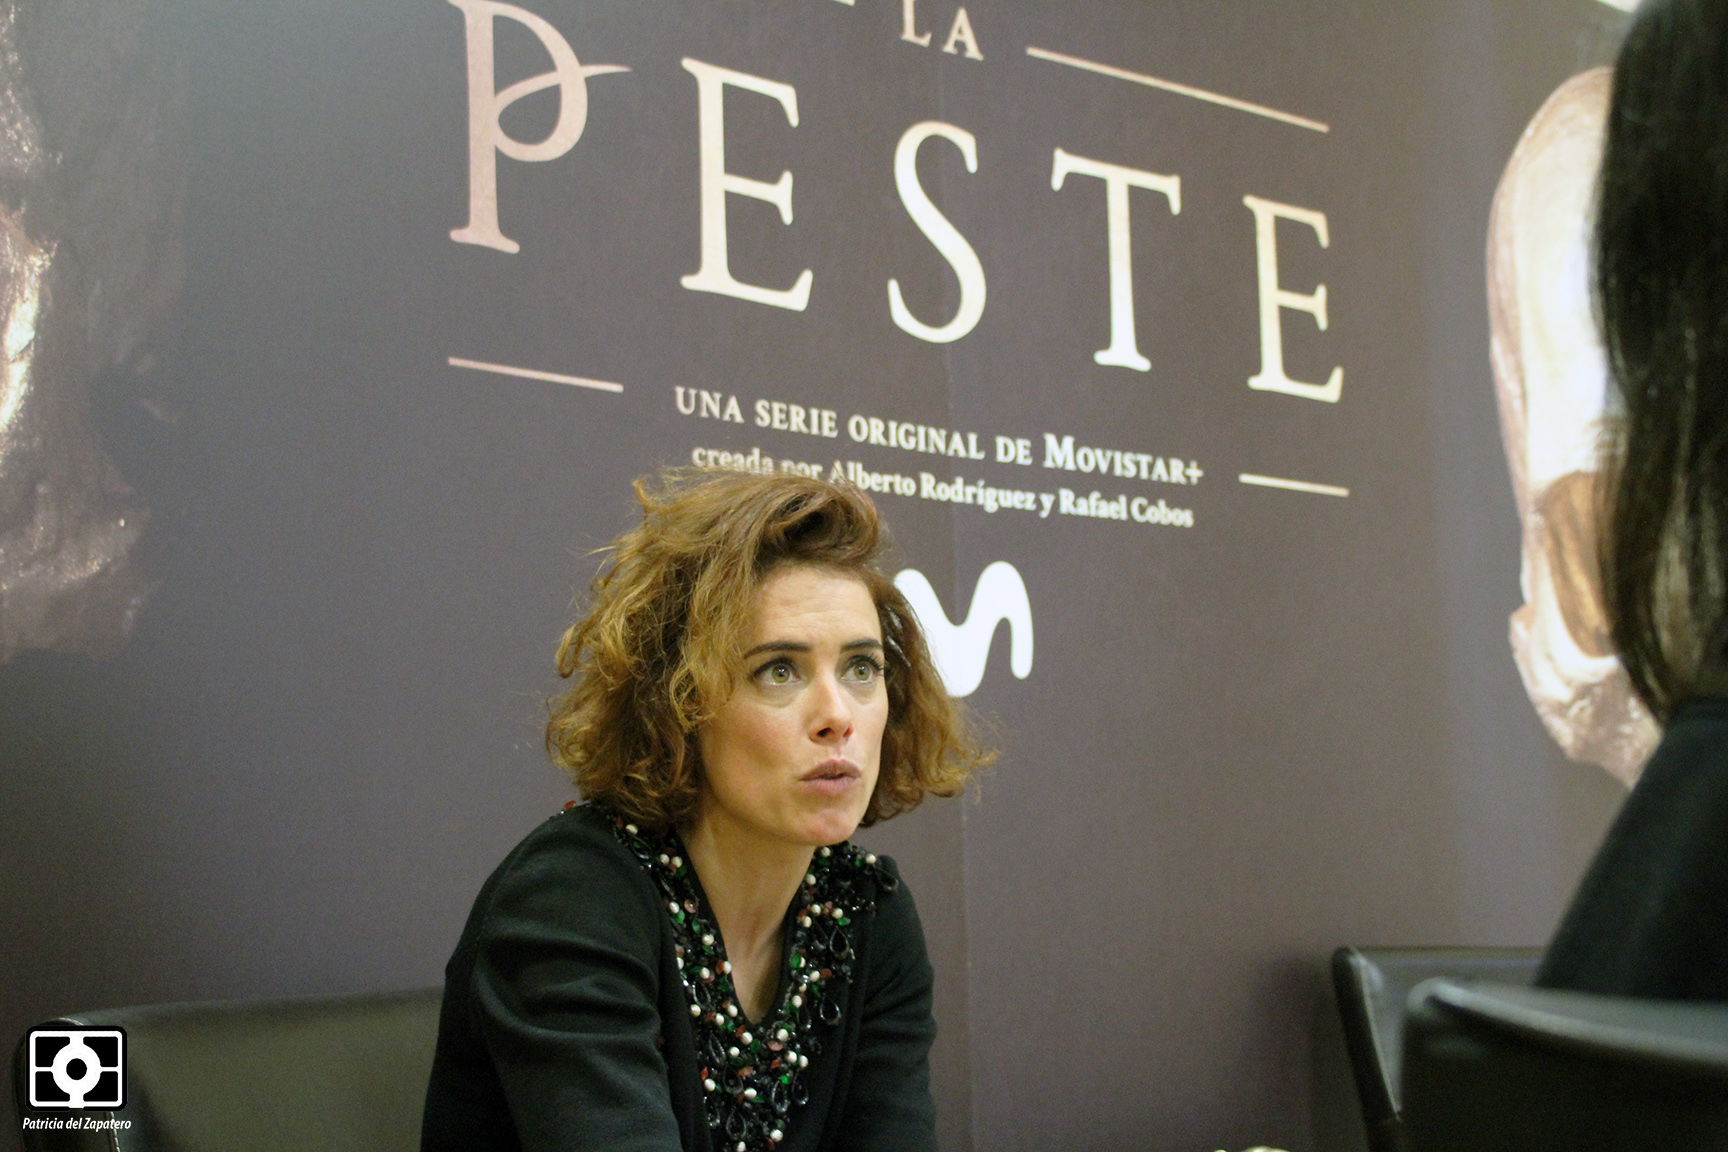 """Patricia López Arnaiz: """"El objetivo de La Peste era representar un retrato de la época, con sus pros y sus contras"""""""